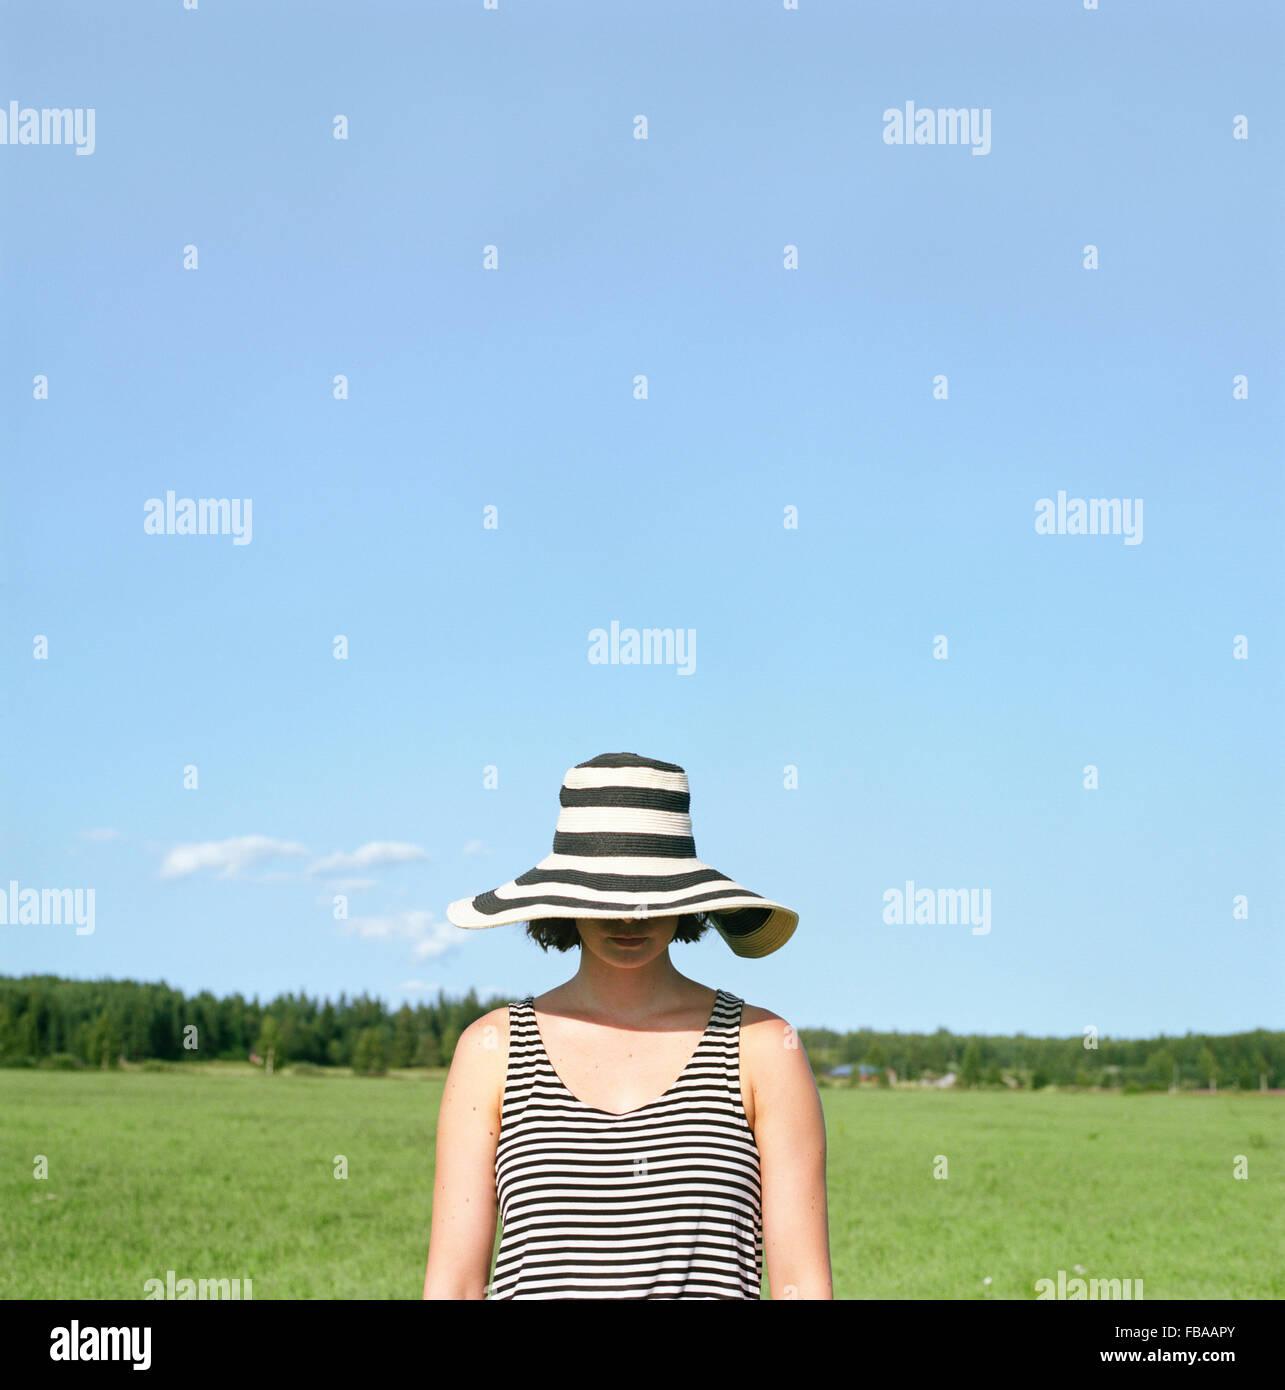 Finnland, Uusimaa, Lapinjarvi, Frau mit Hut für ihr Gesicht Stockbild